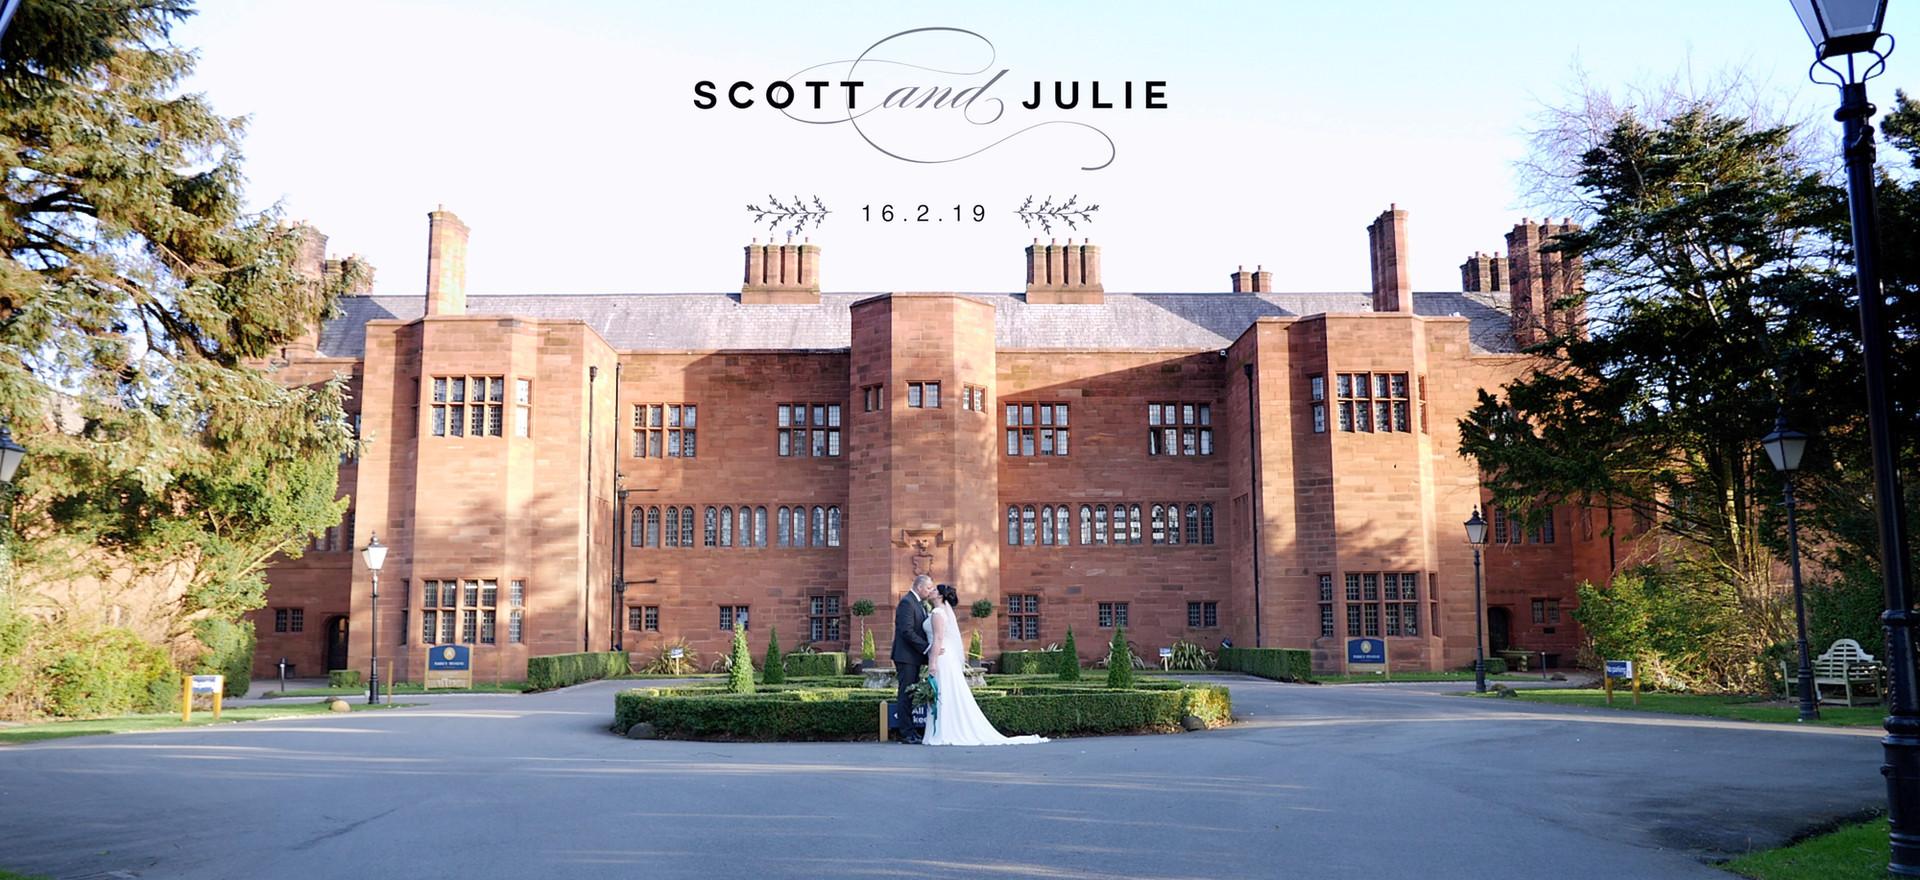 Scott and Julie Blog Image 1.jpg